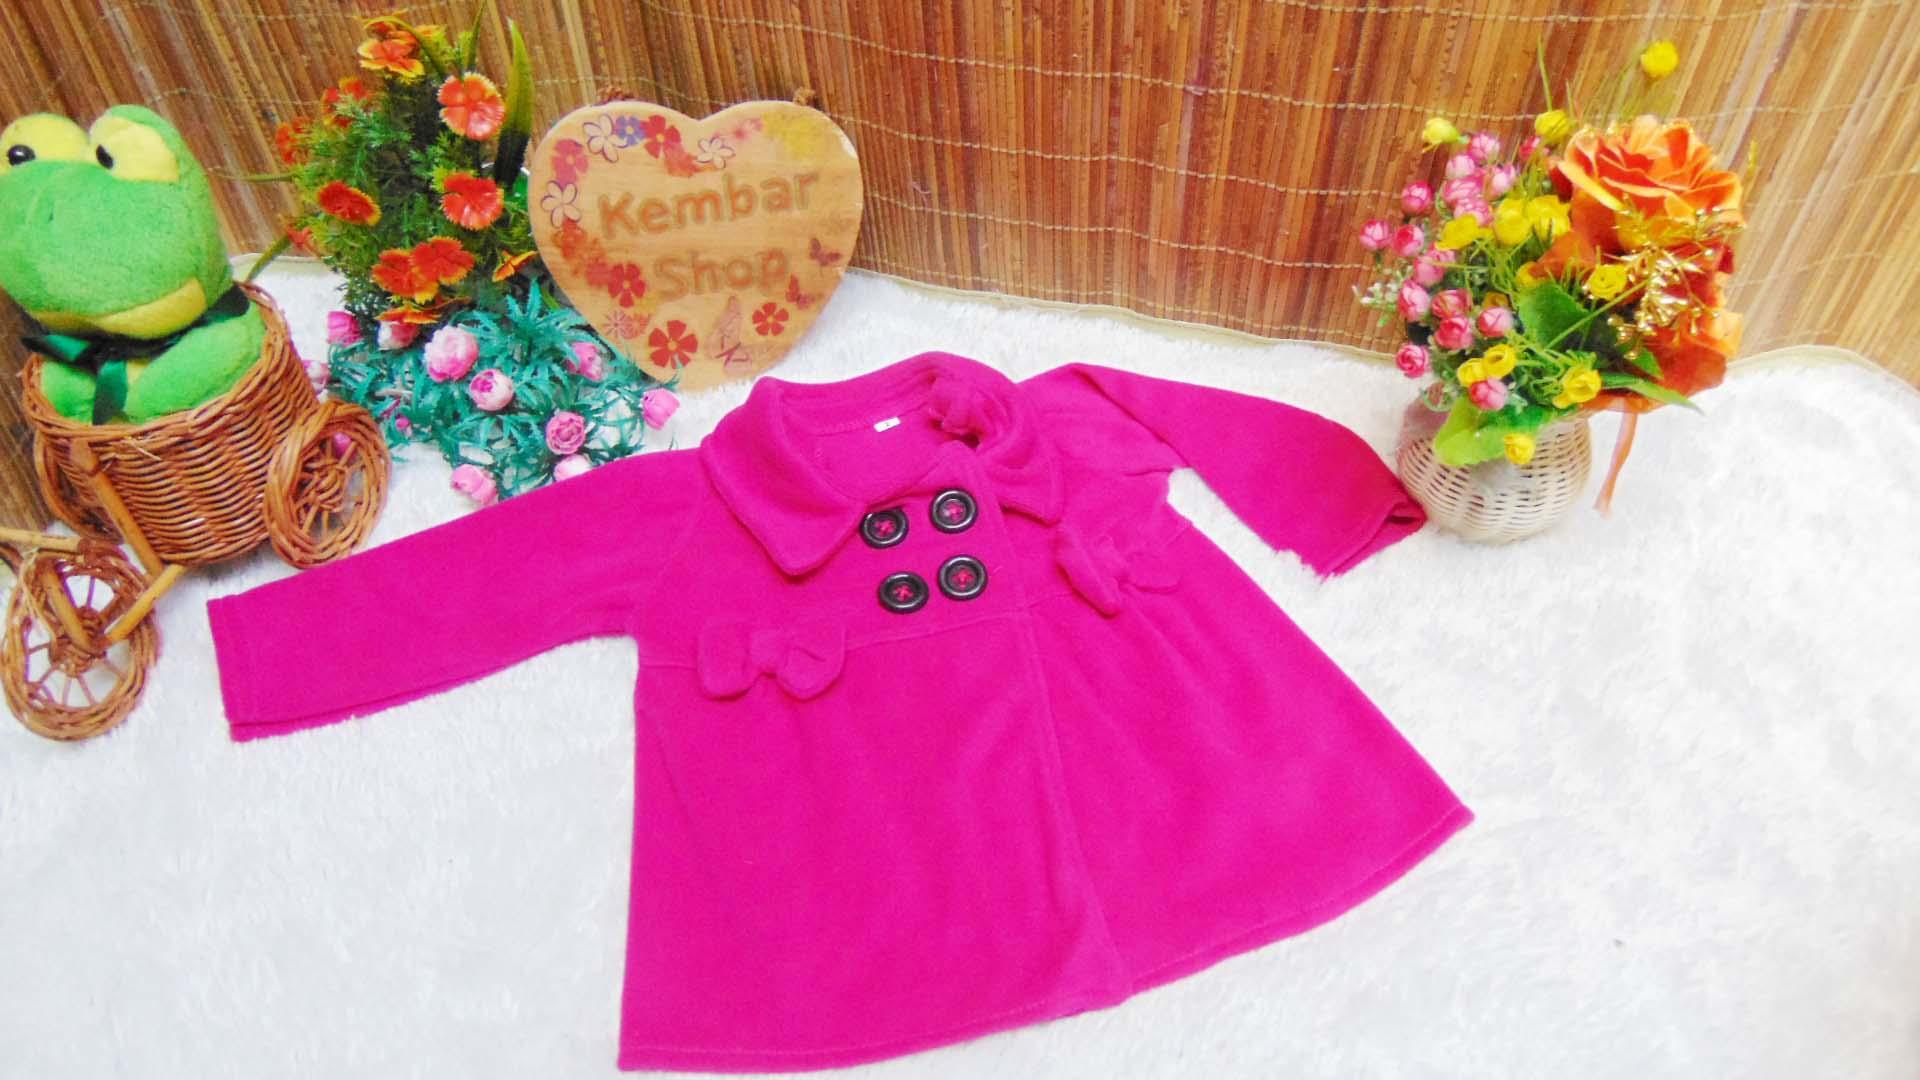 jaket bayi blazer baby mantel bayi hangat lembut 0-18 bulan polos pink fanta